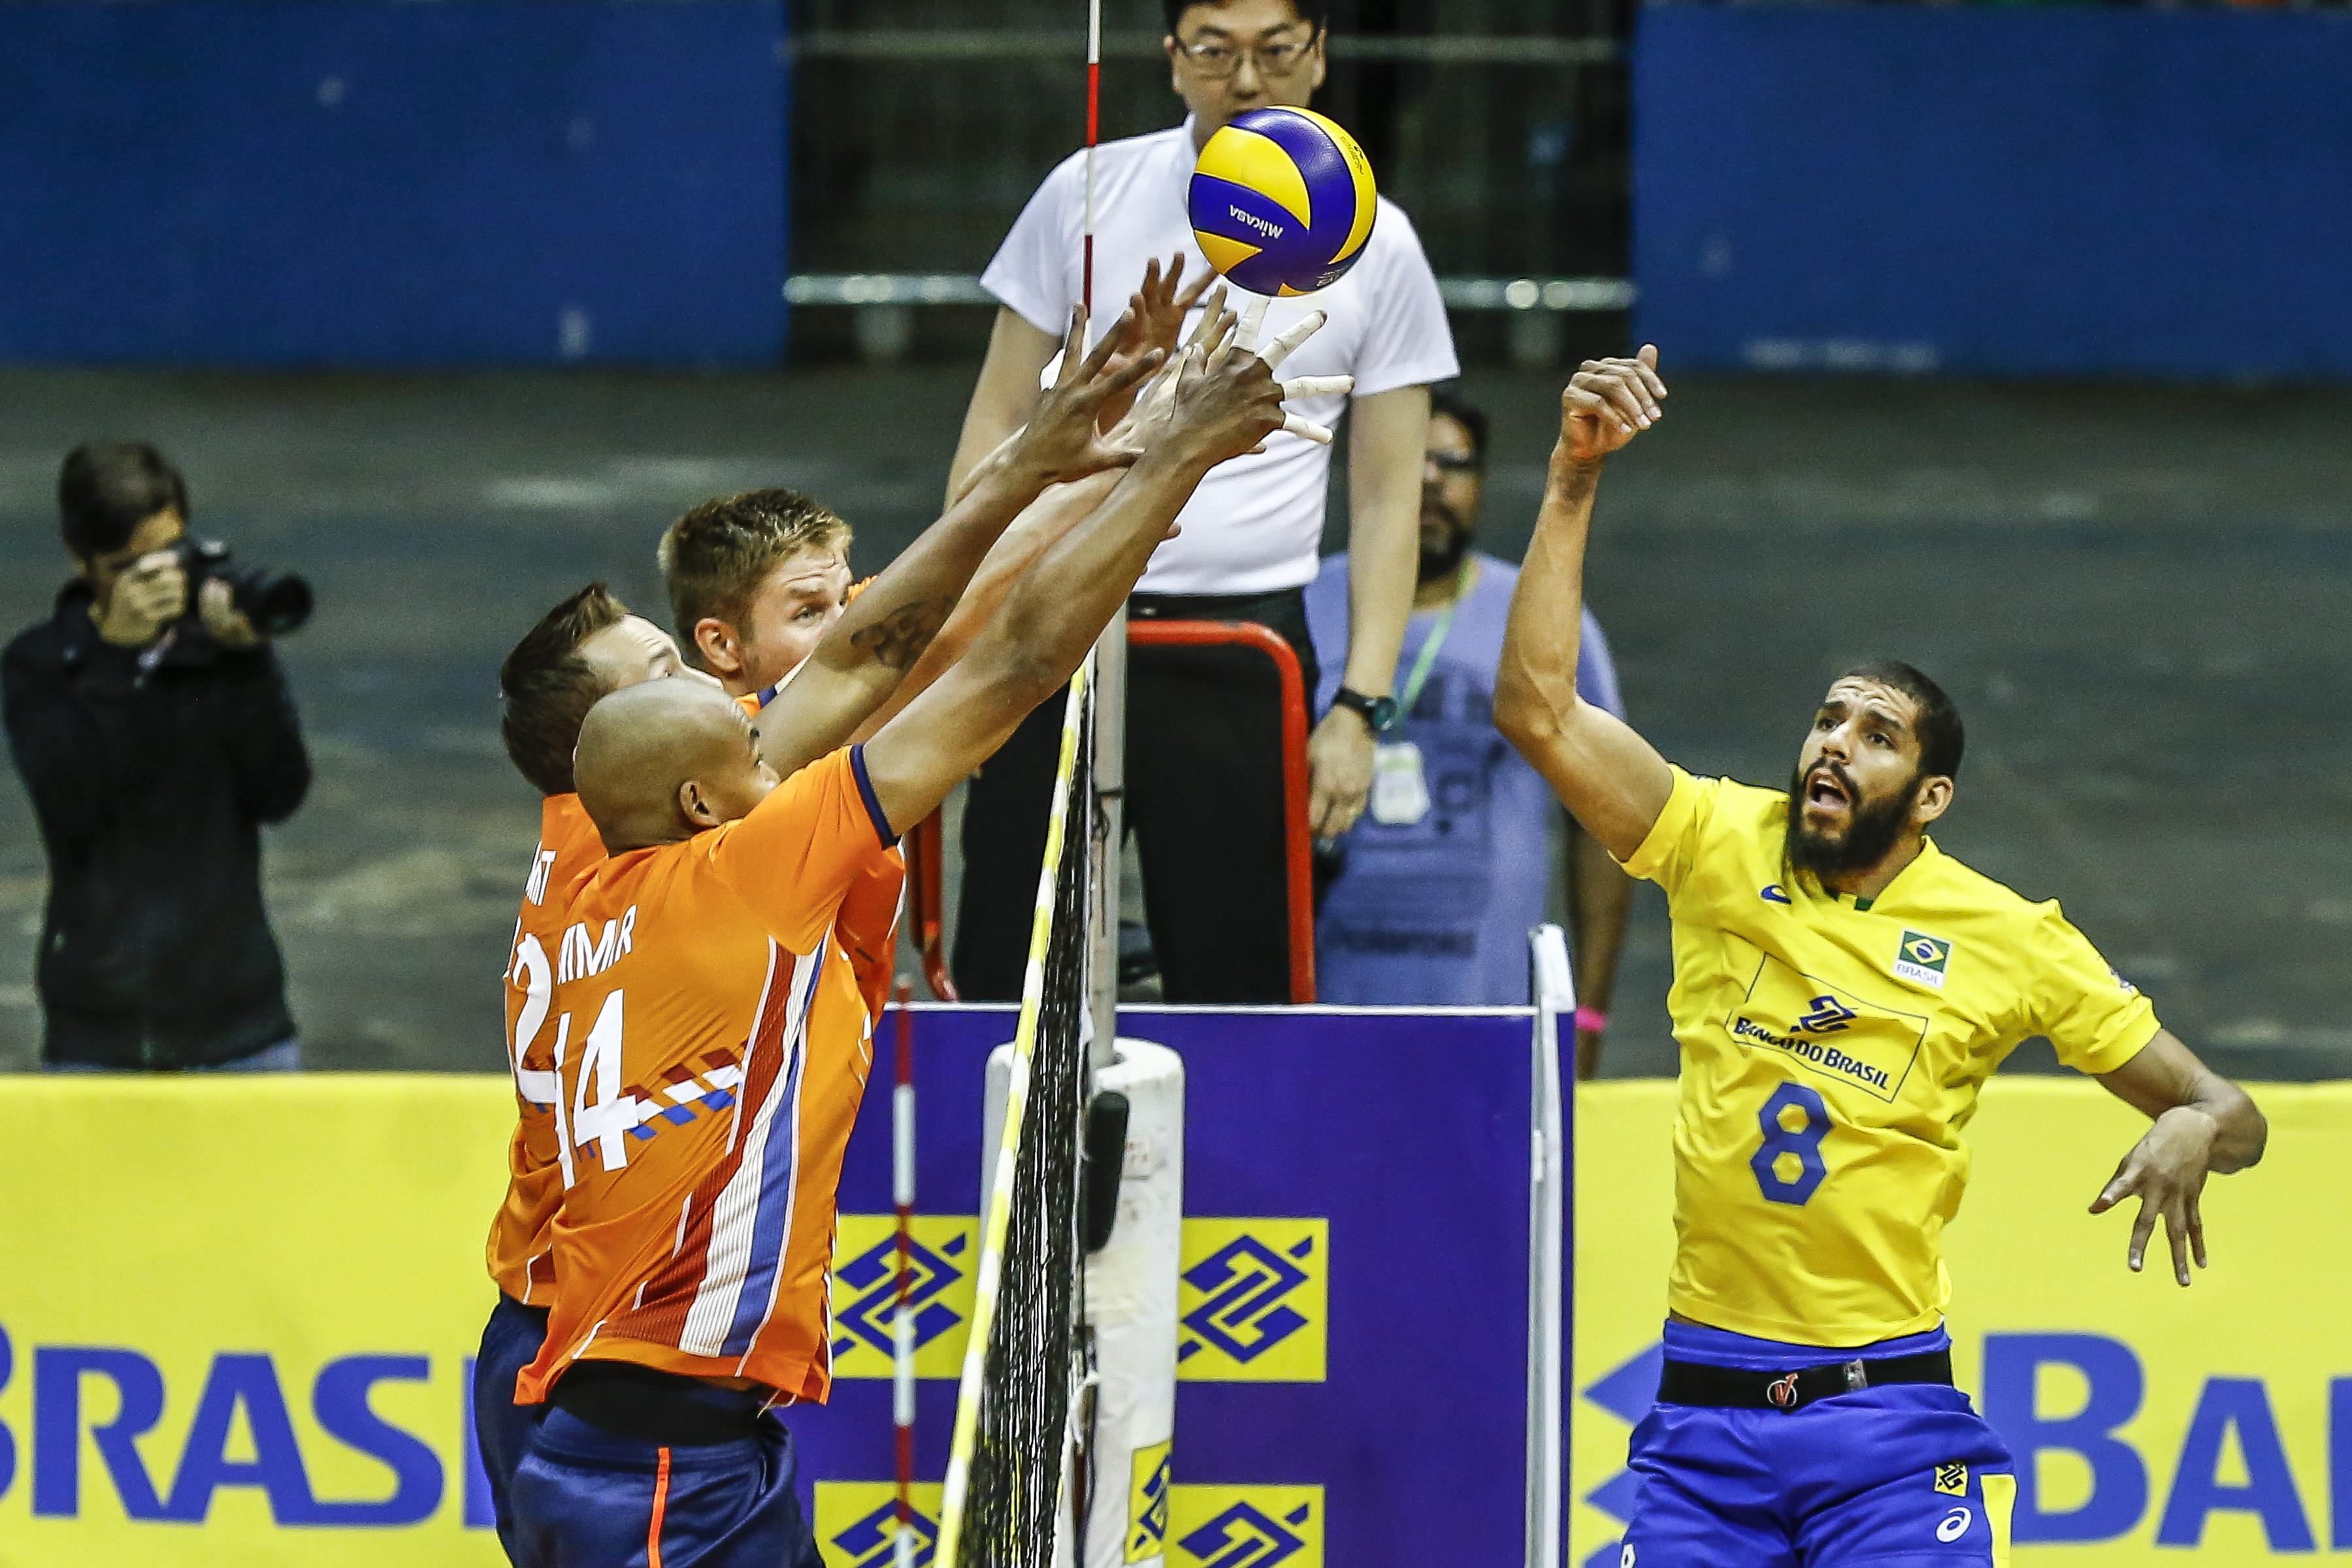 Em grande jogo de Wallace, Brasil vence Holanda no primeiro jogo da série de três amistosos - Foto: Wander Roberto/CBV